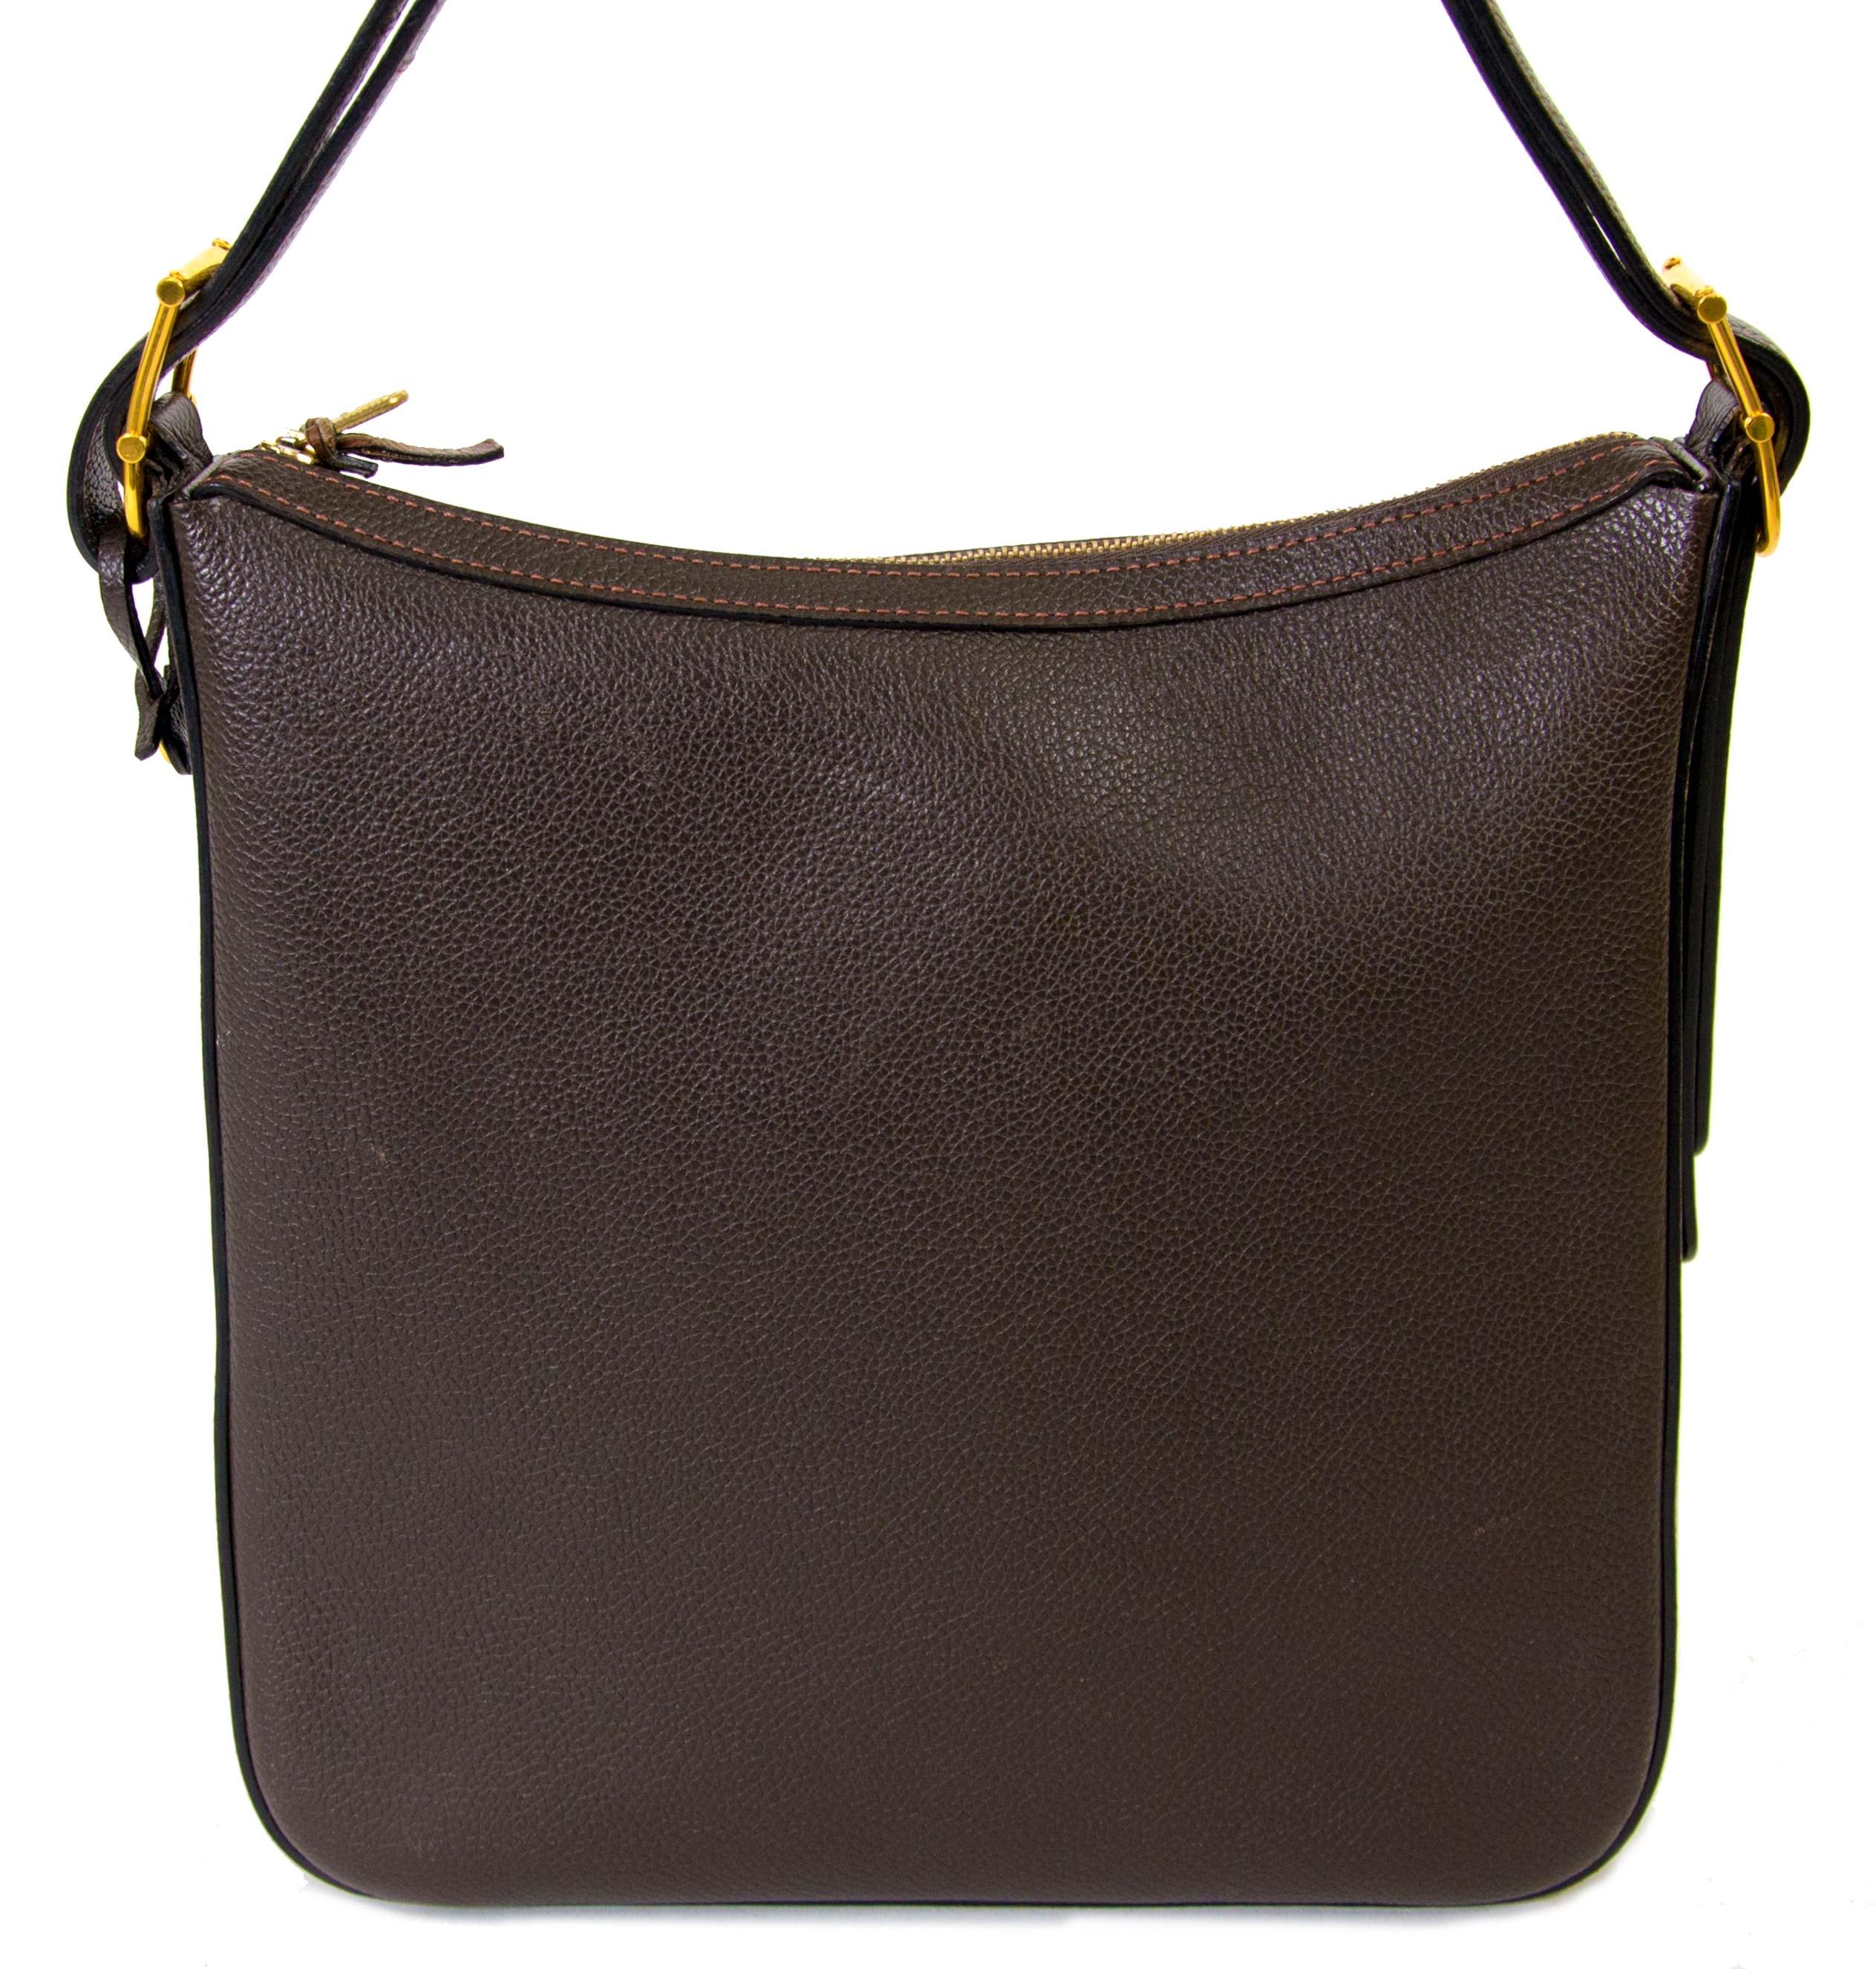 achetez  Delvaux Brown Leather Shoulderbag et payez secure on ligne